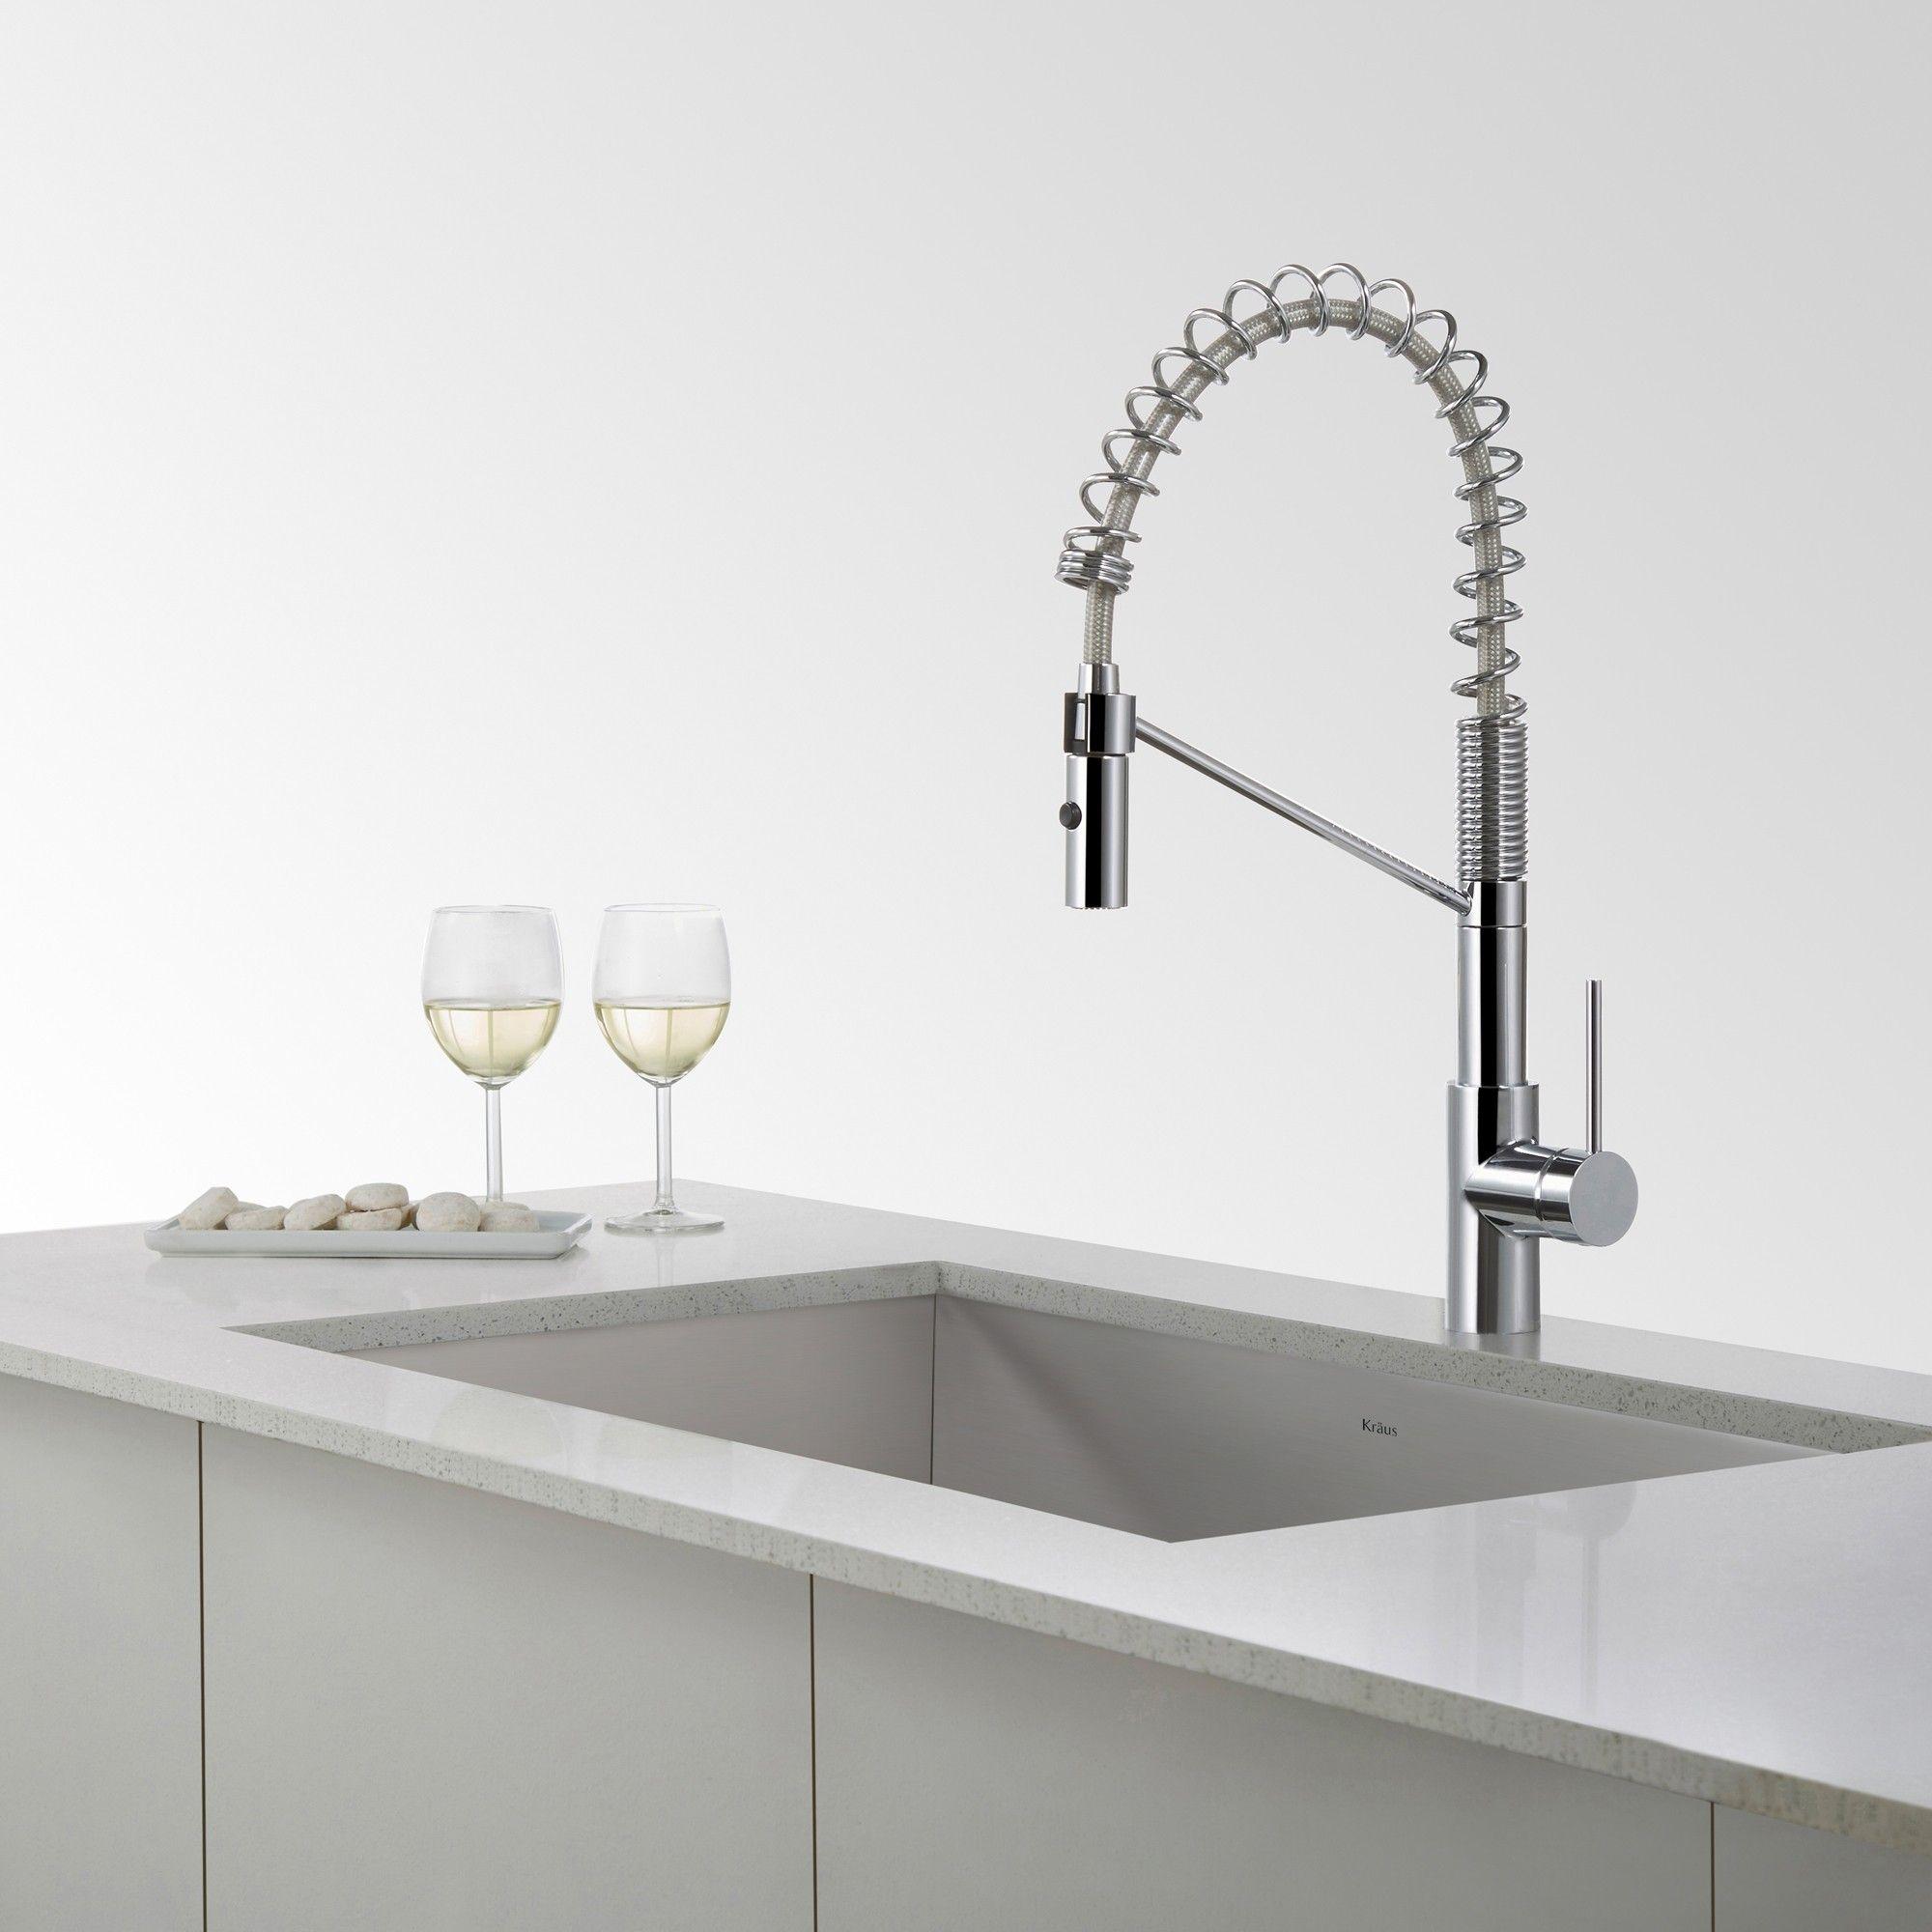 Kraus Kuche Wasserhahn Dies Ist Die Neueste Informationen Auf Die Kuche Waschbecken Kuchenspule Wasserhahn